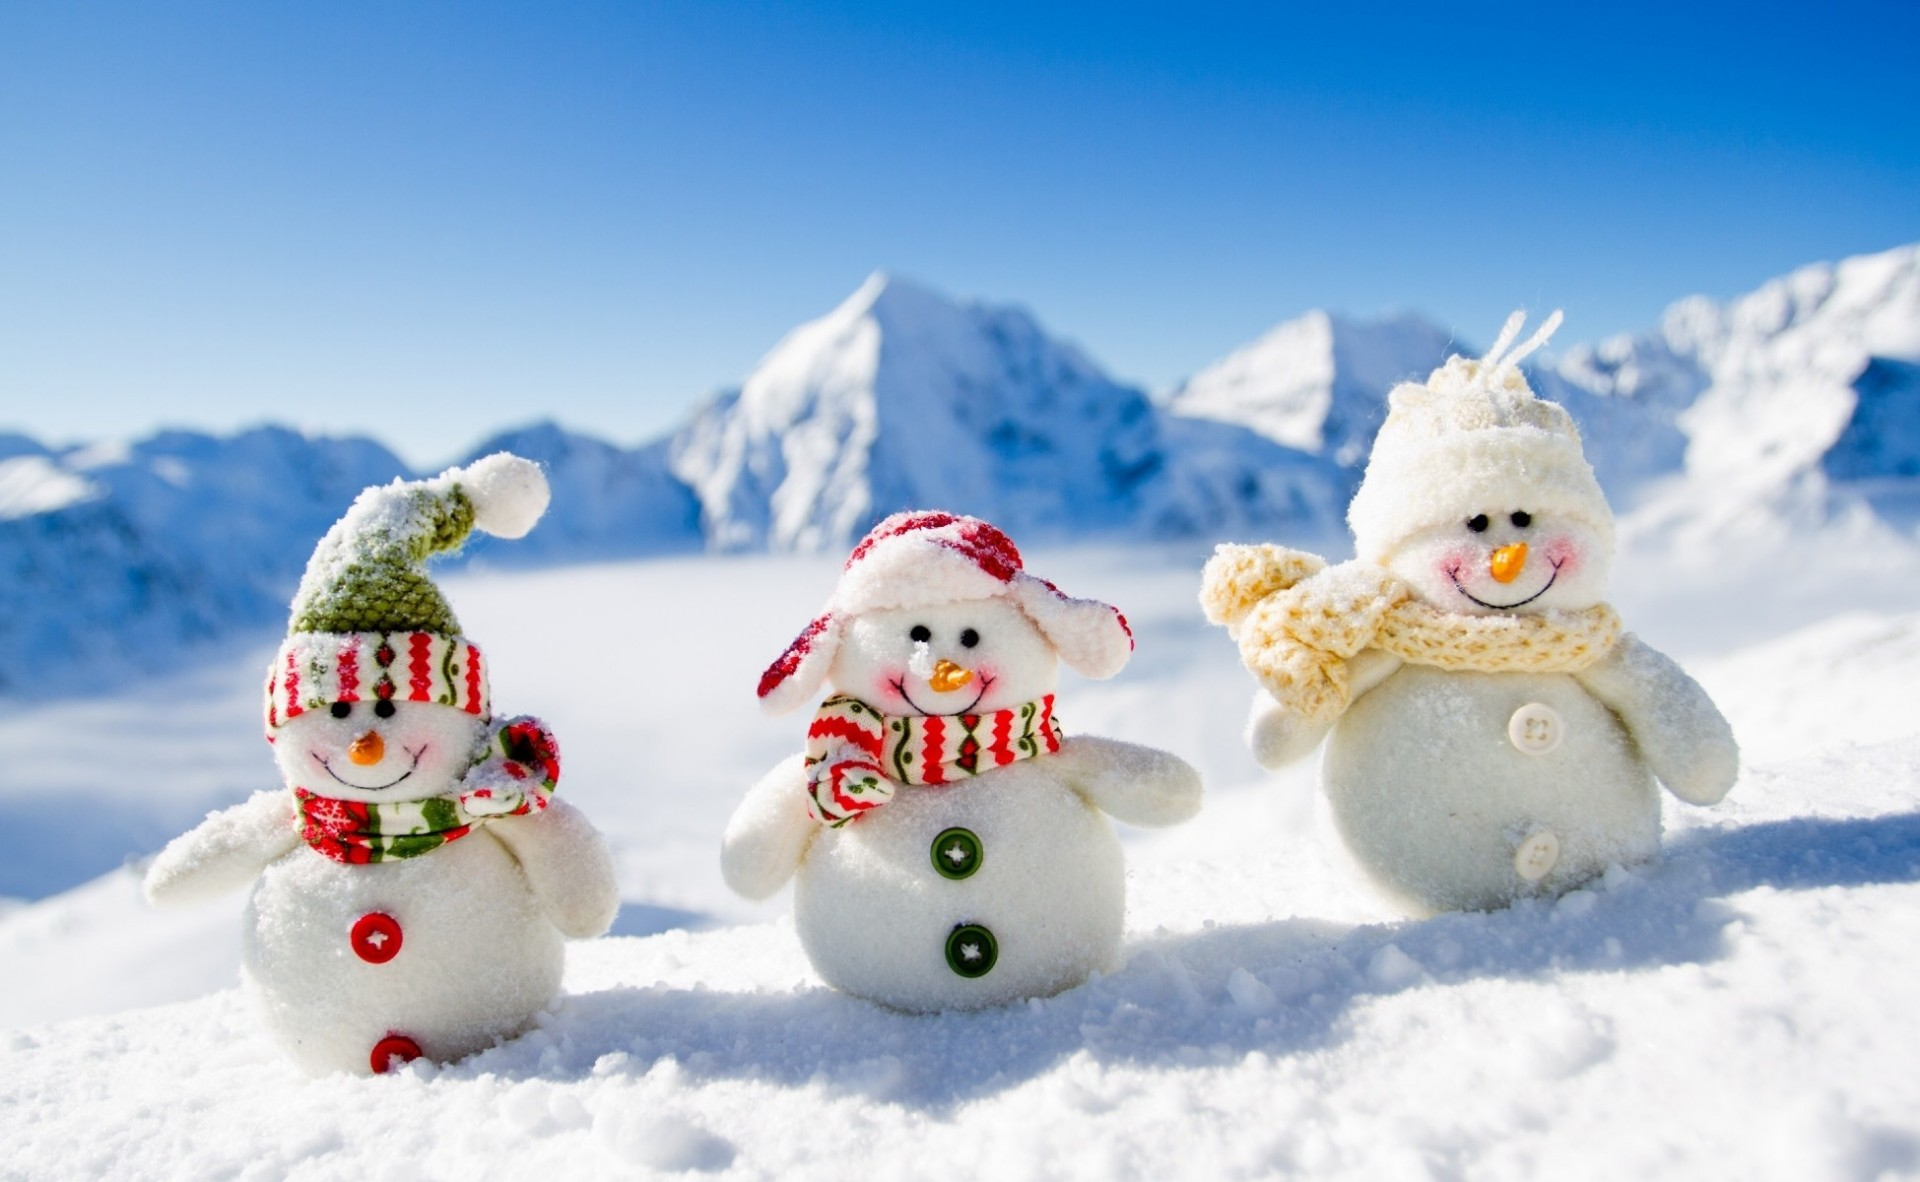 Снеговик своими руками на новый год 2015